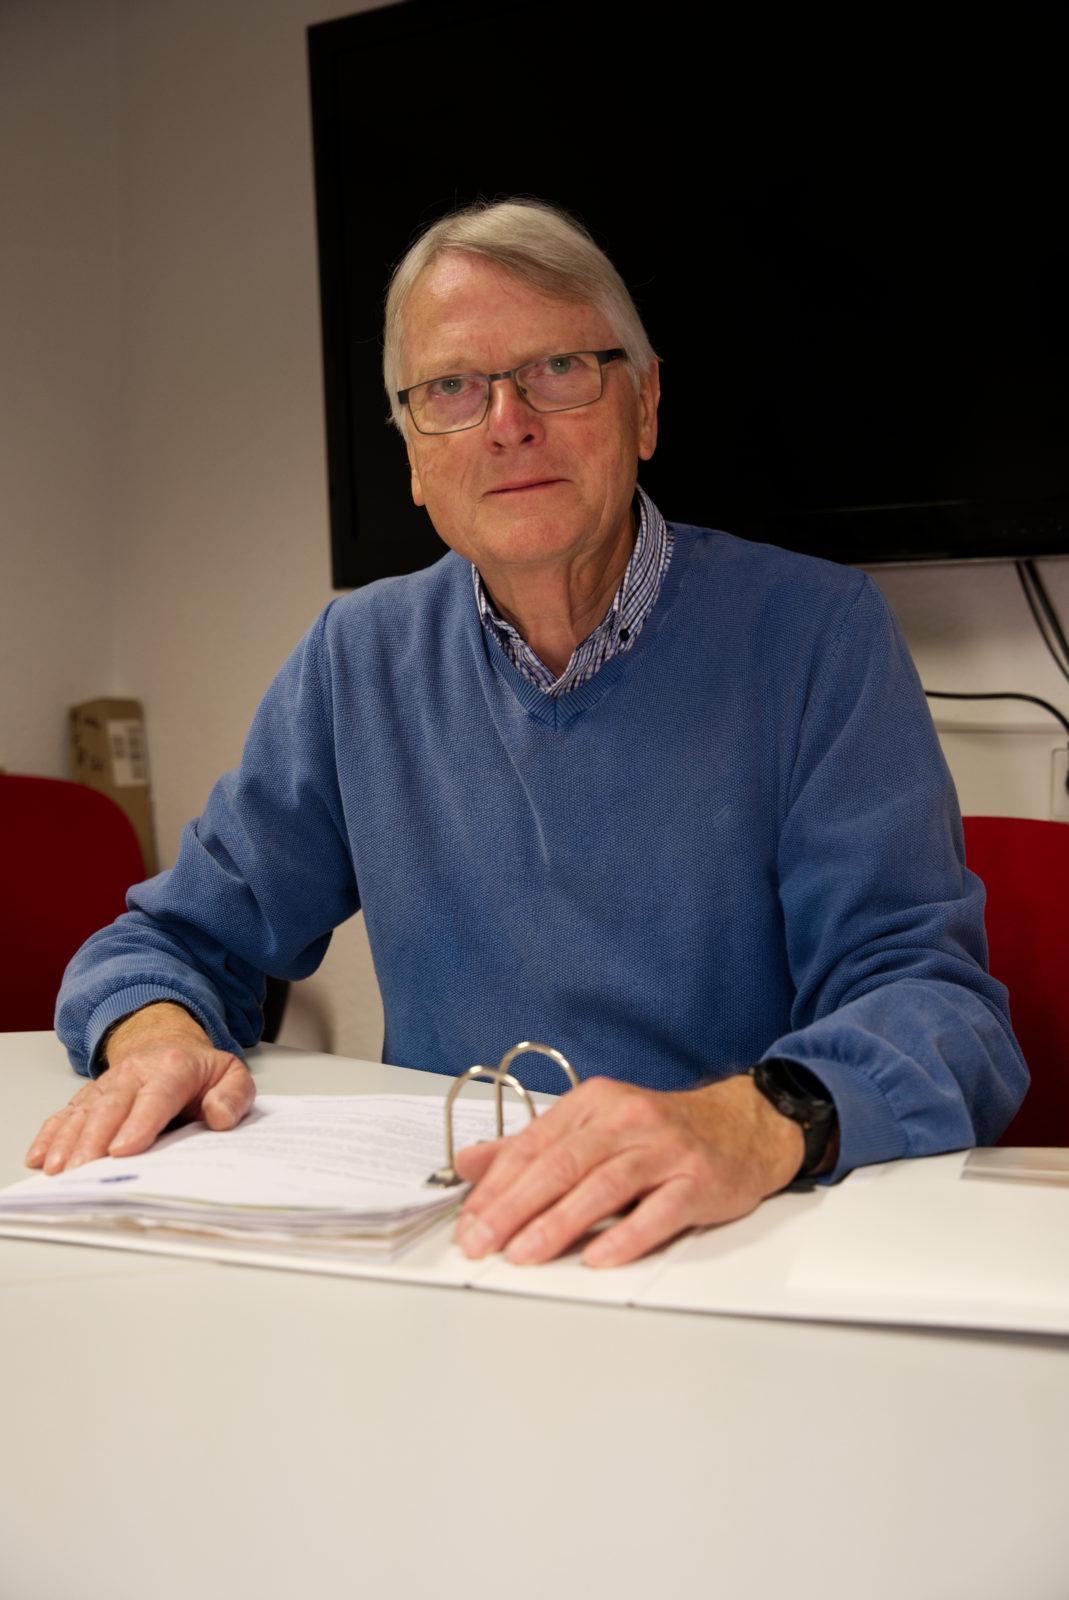 Siegfried Reichmann